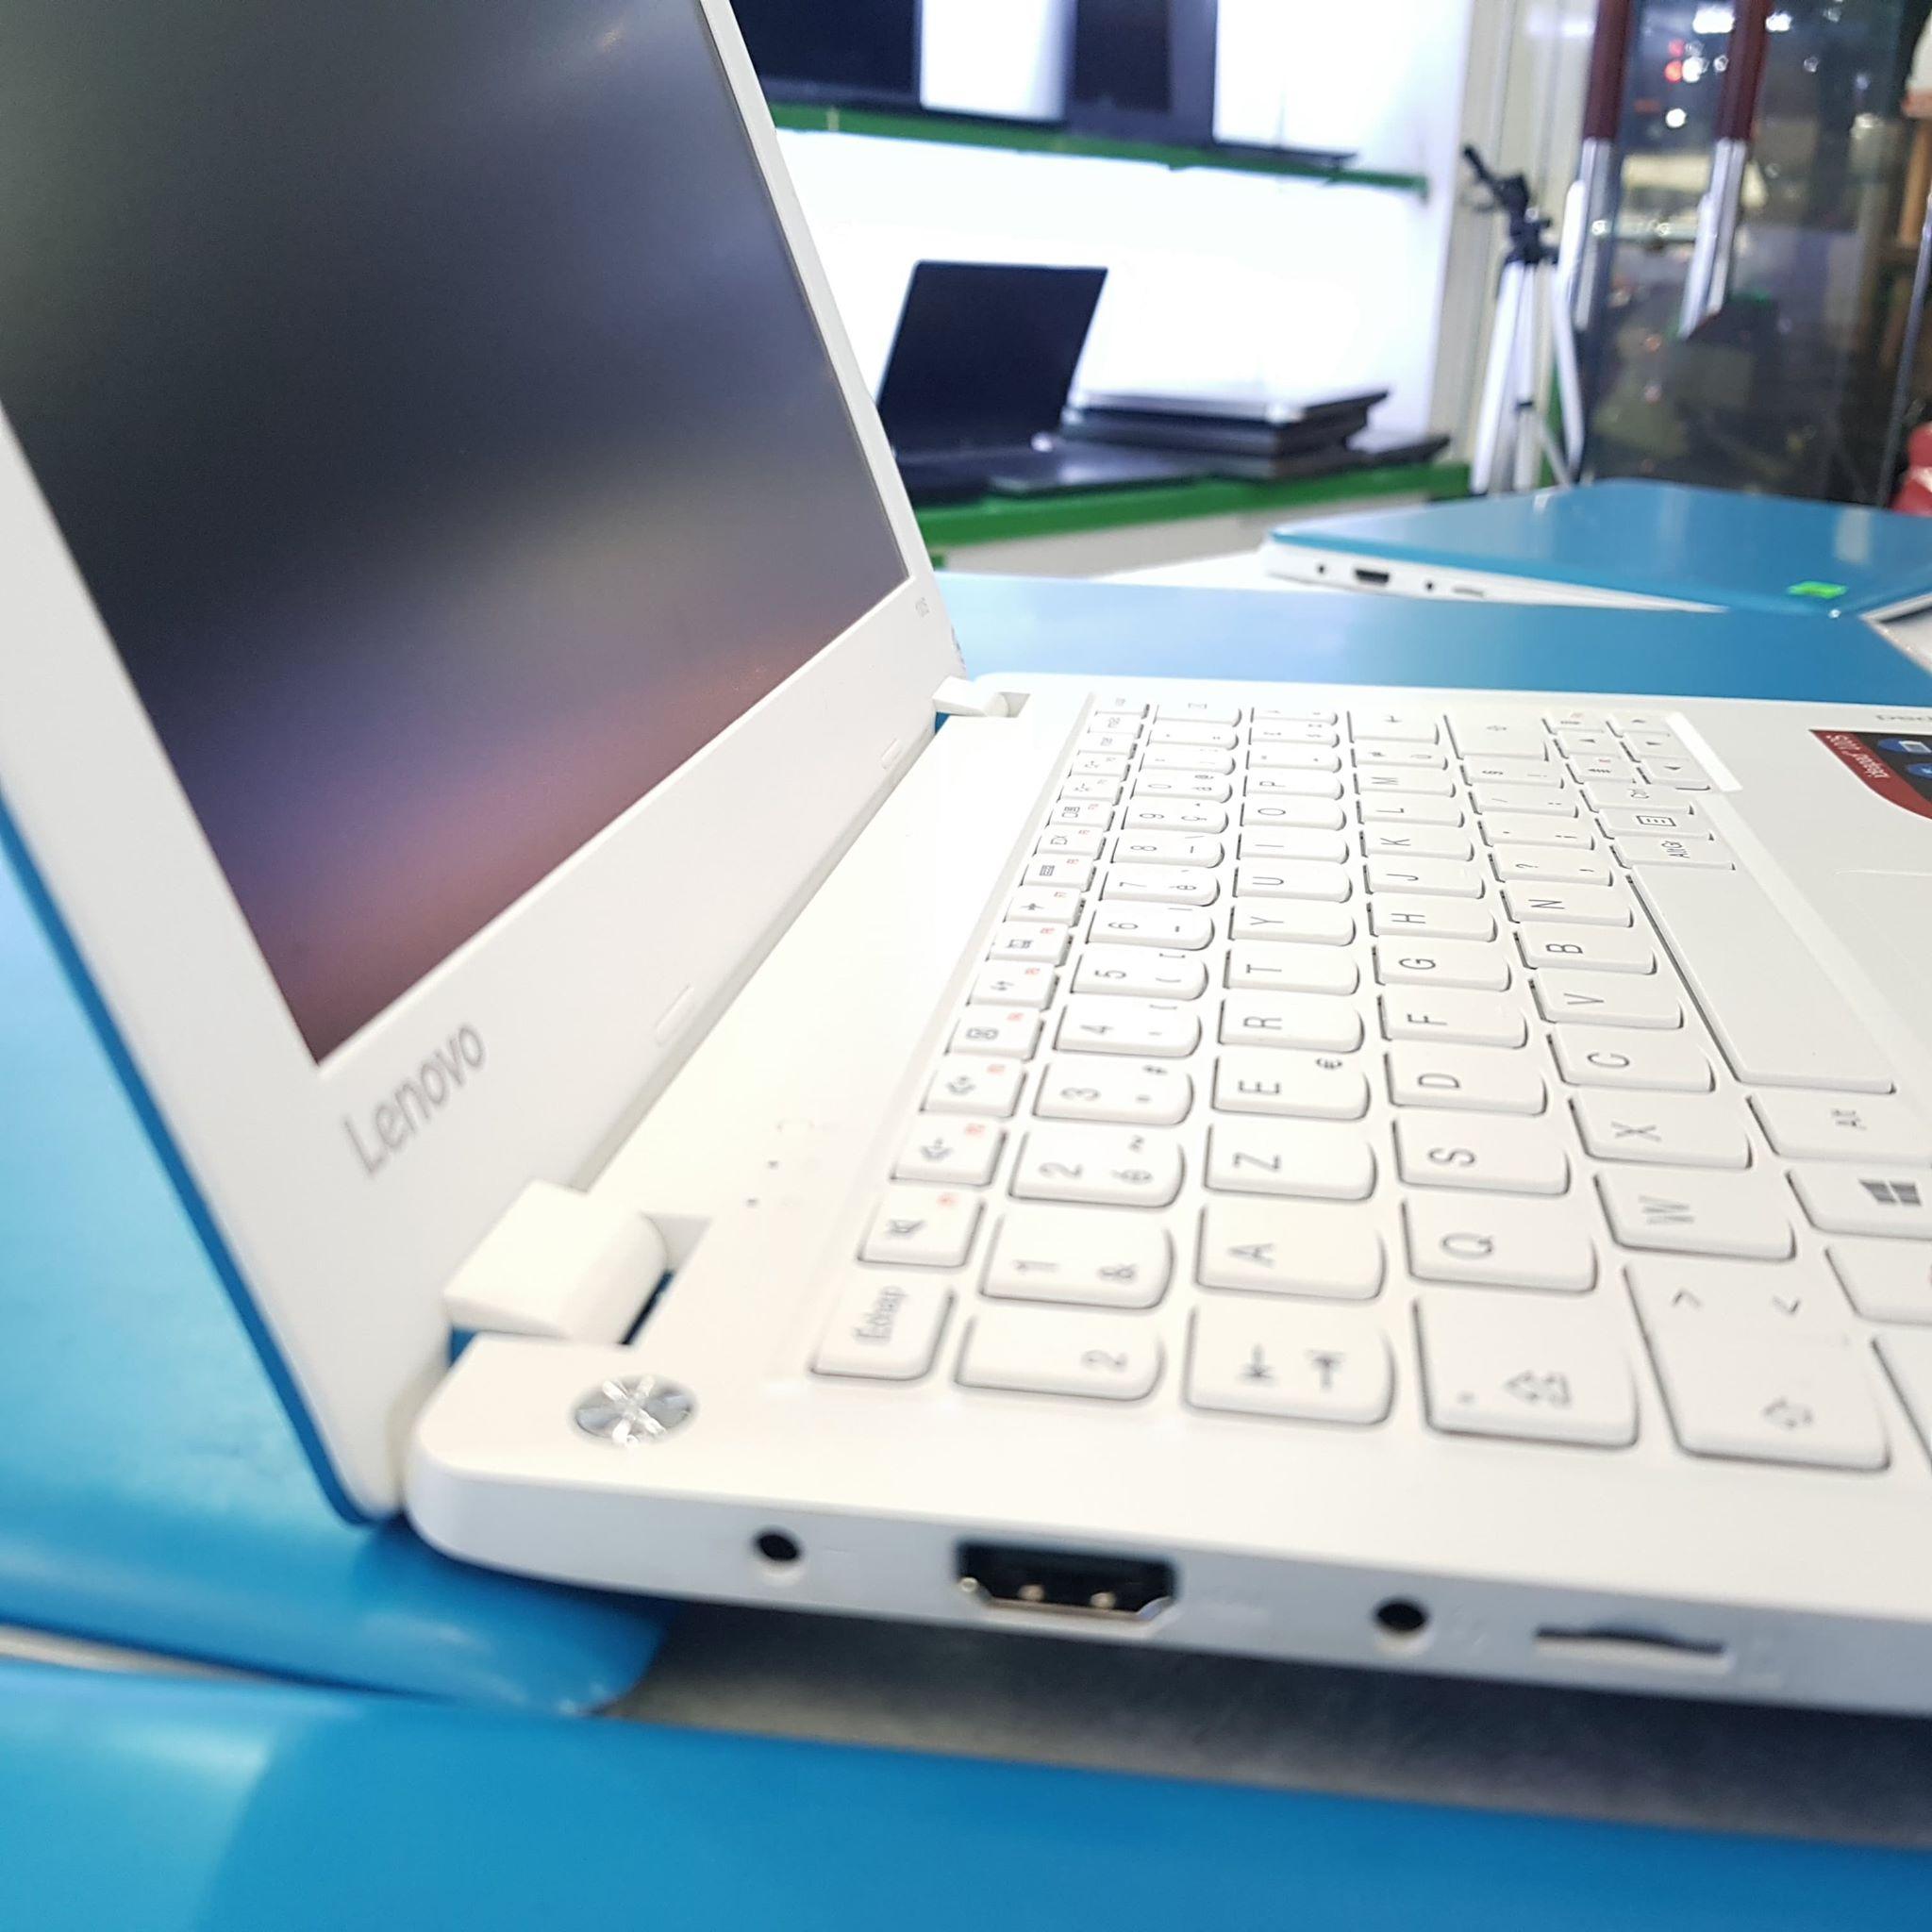 Lenovo IdeaPad 100s – 11IBY